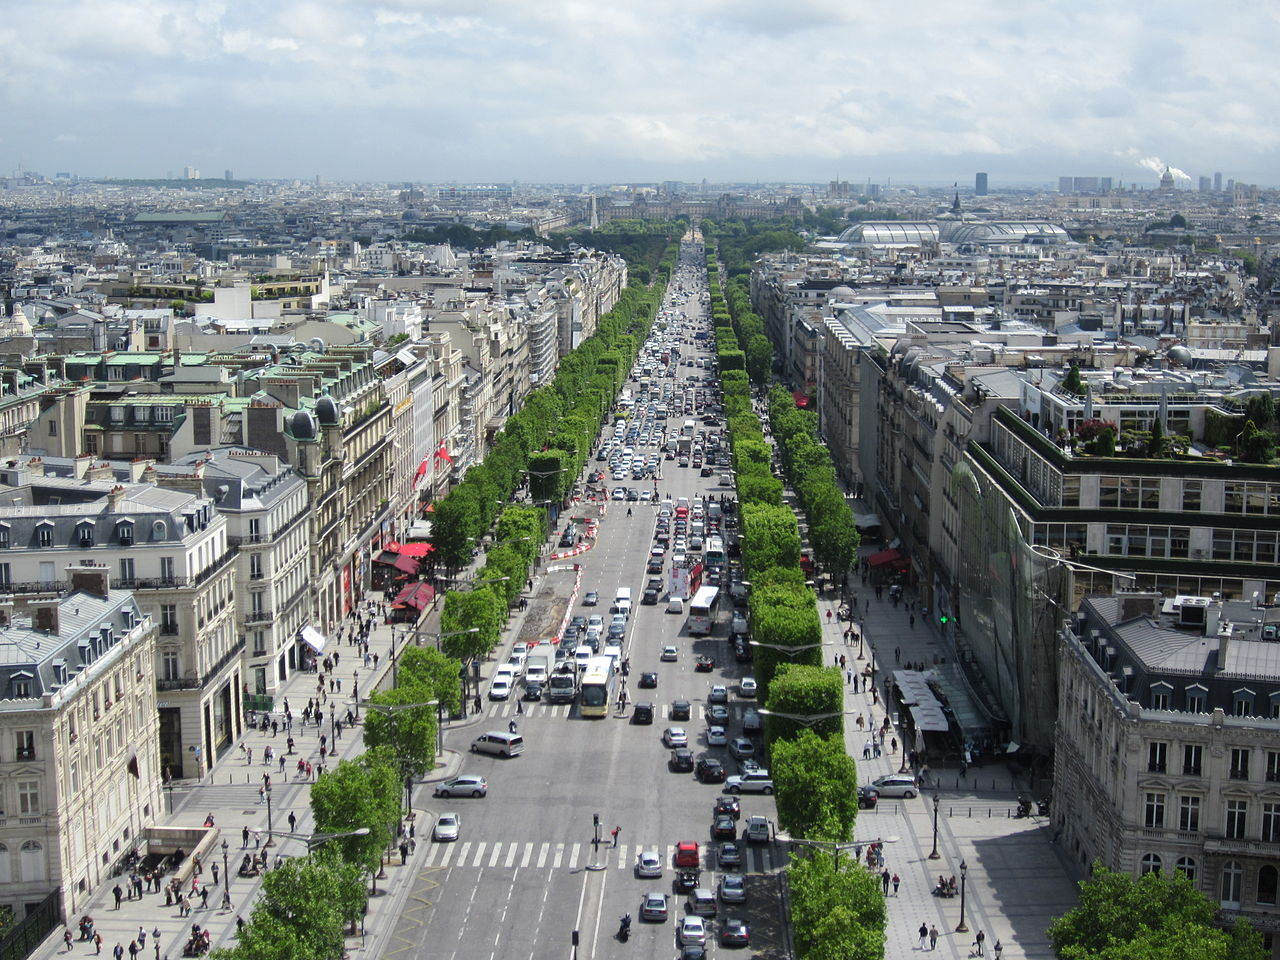 ถนนฌ็องเซลิเซ่ -อีกมุม